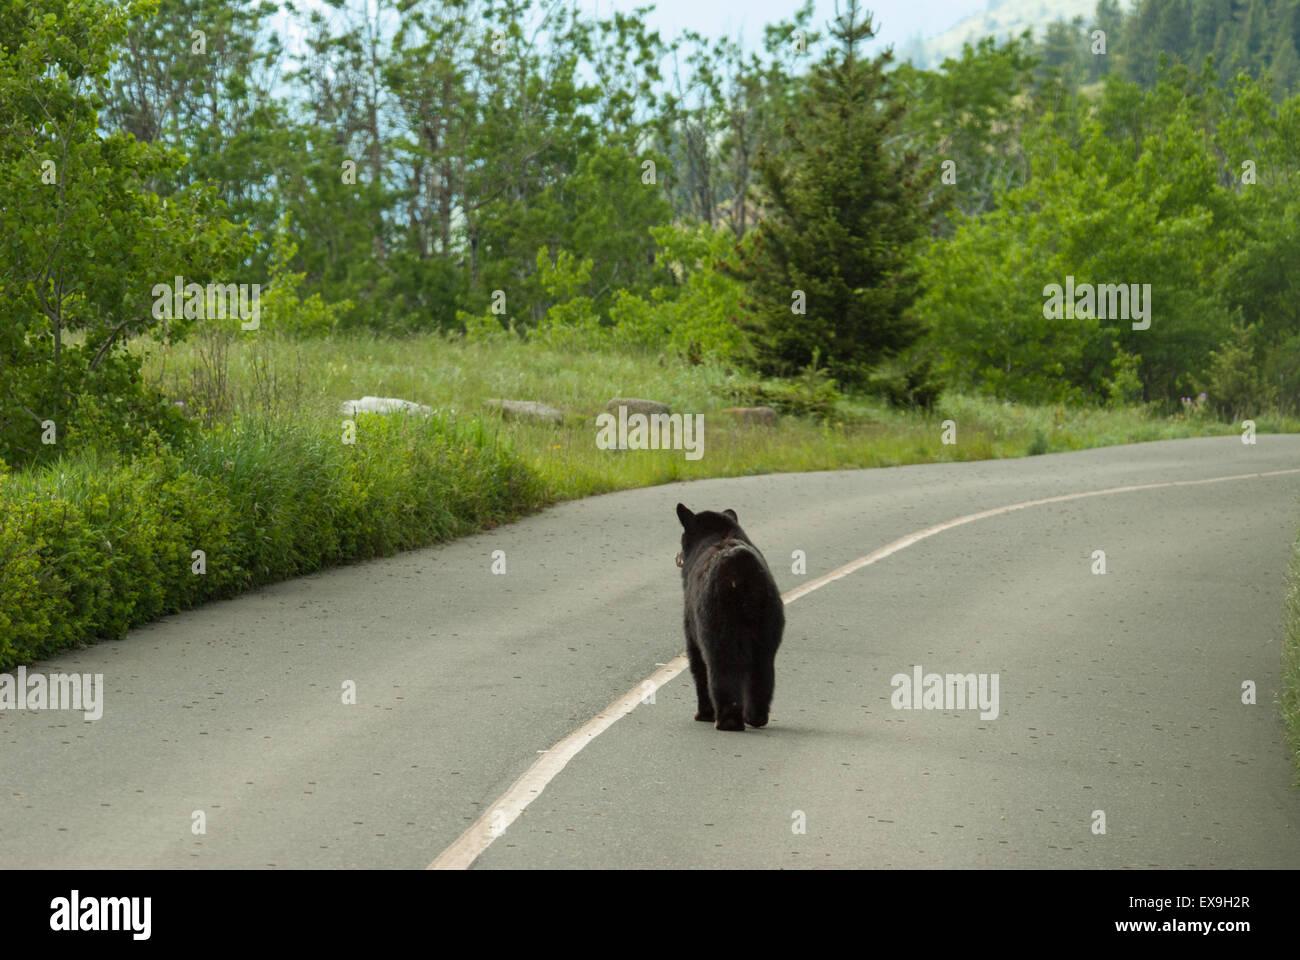 black-bear-ursus-americanus-walking-down